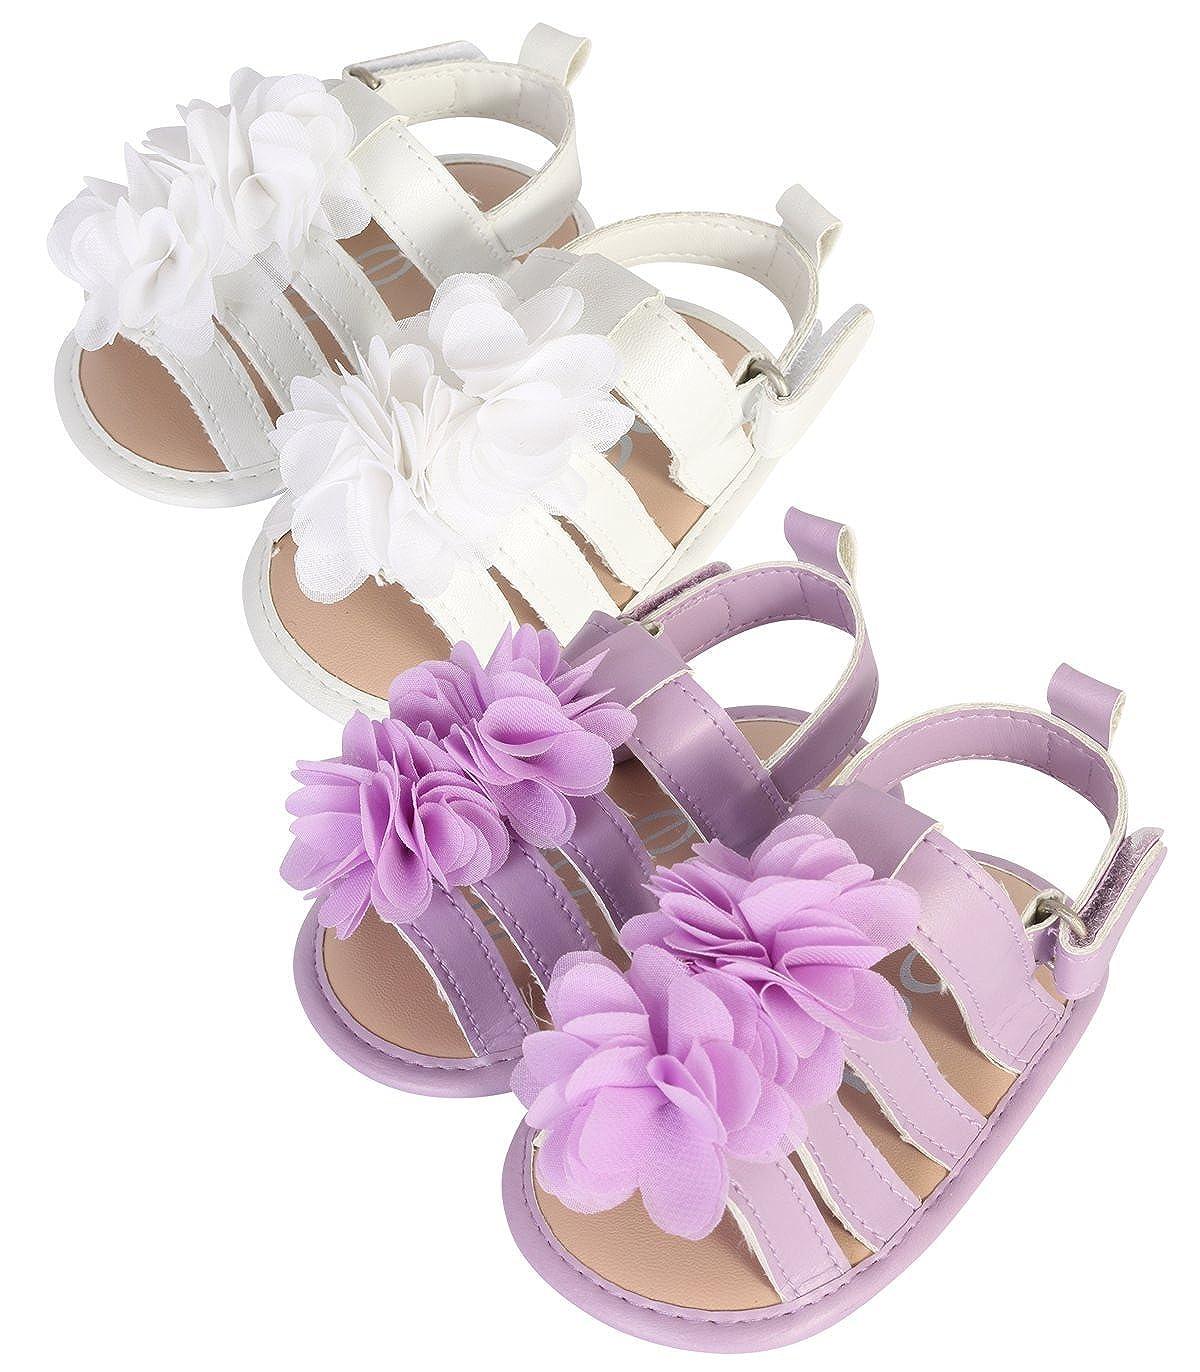 bebe Baby Girls Gladiator Flower Sandal Set Of 2 (Infant/Toddler)